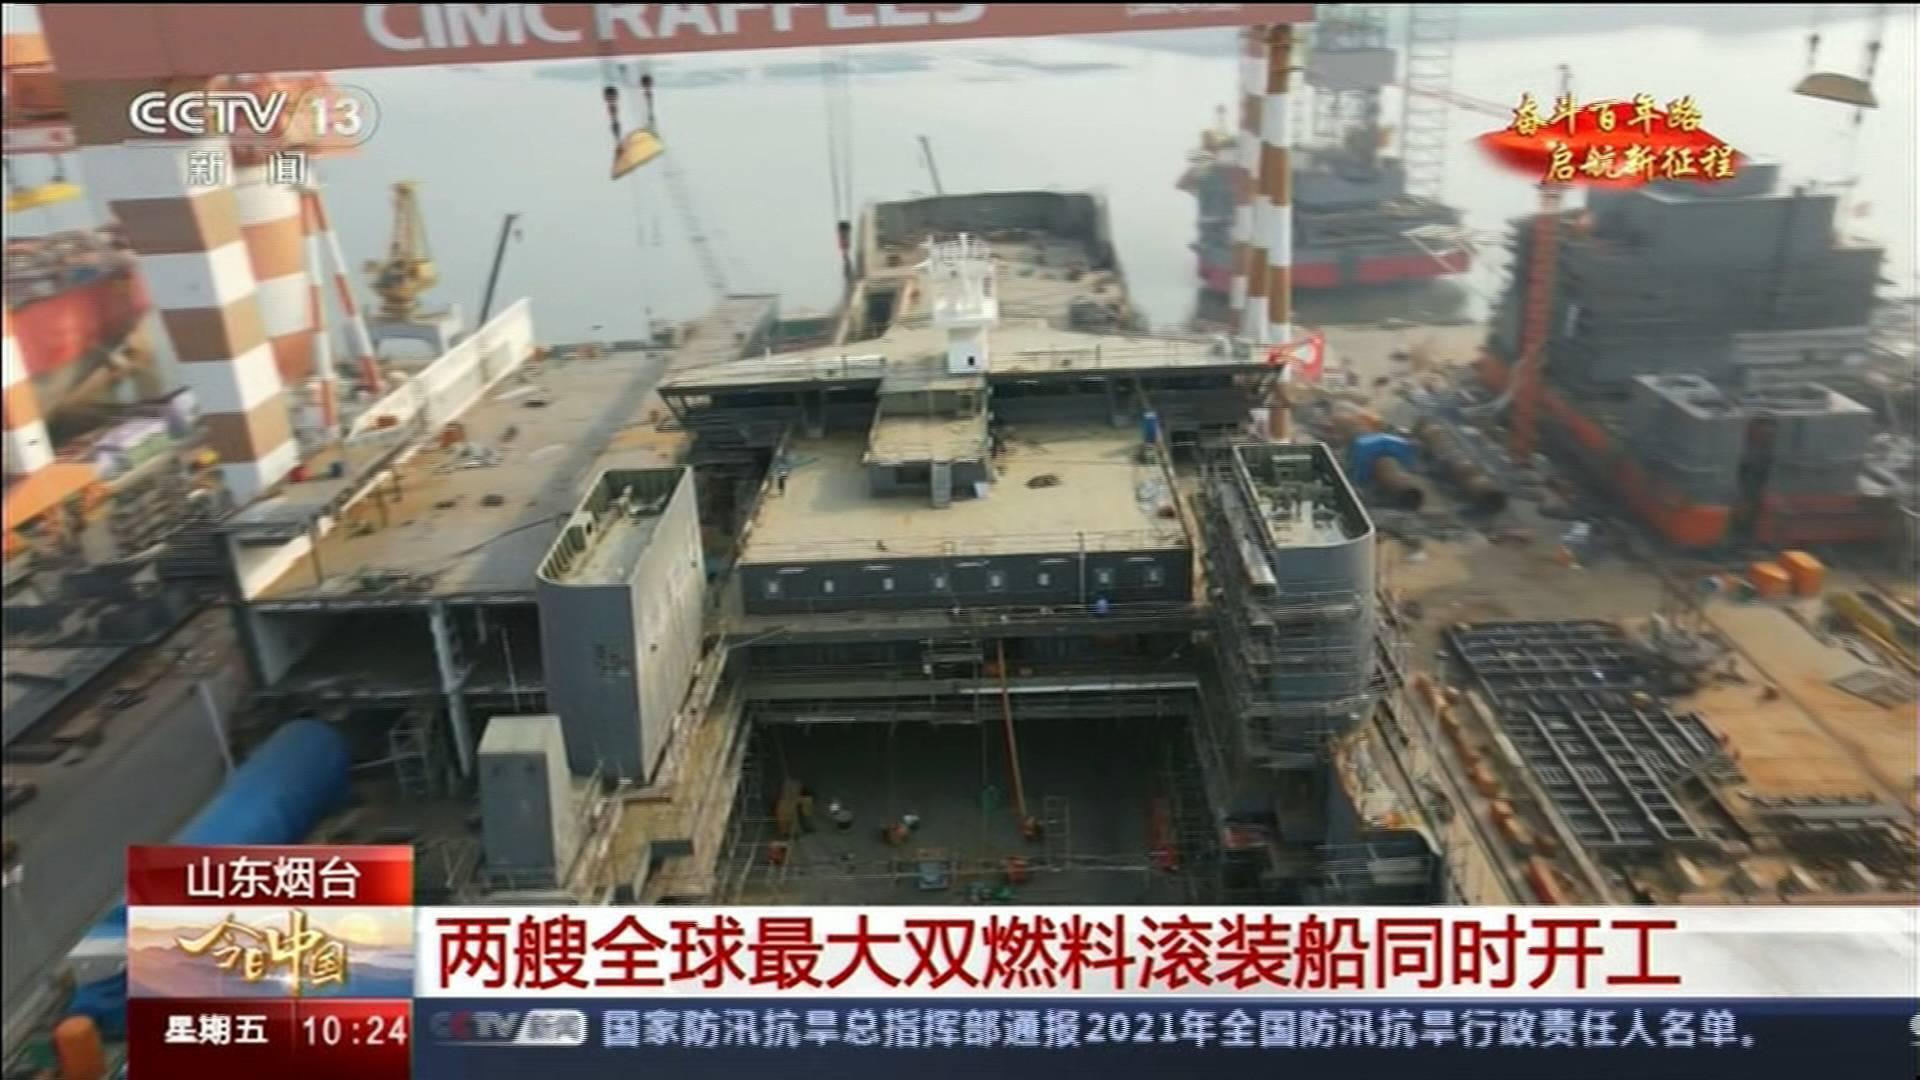 今日中国·山东篇|两艘全球最大双燃料滚装船在烟台同时开工